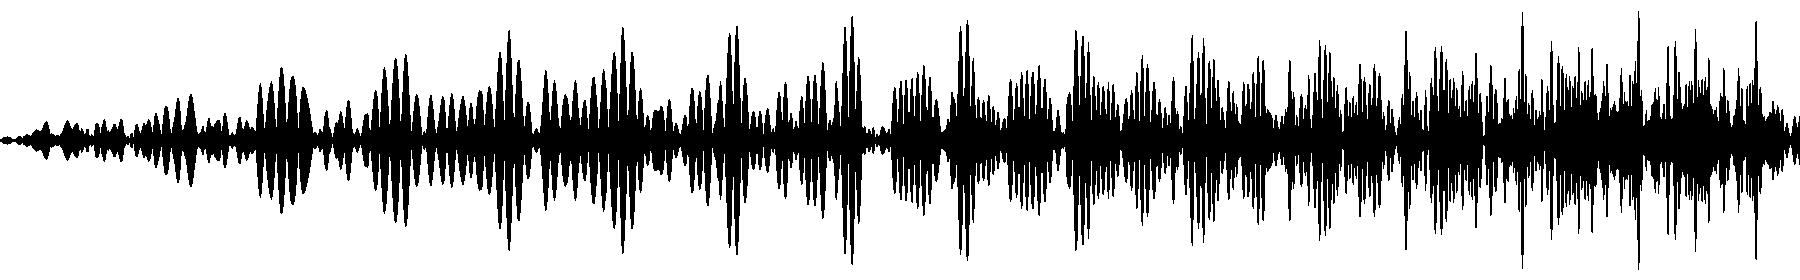 veh2 synths   054 c